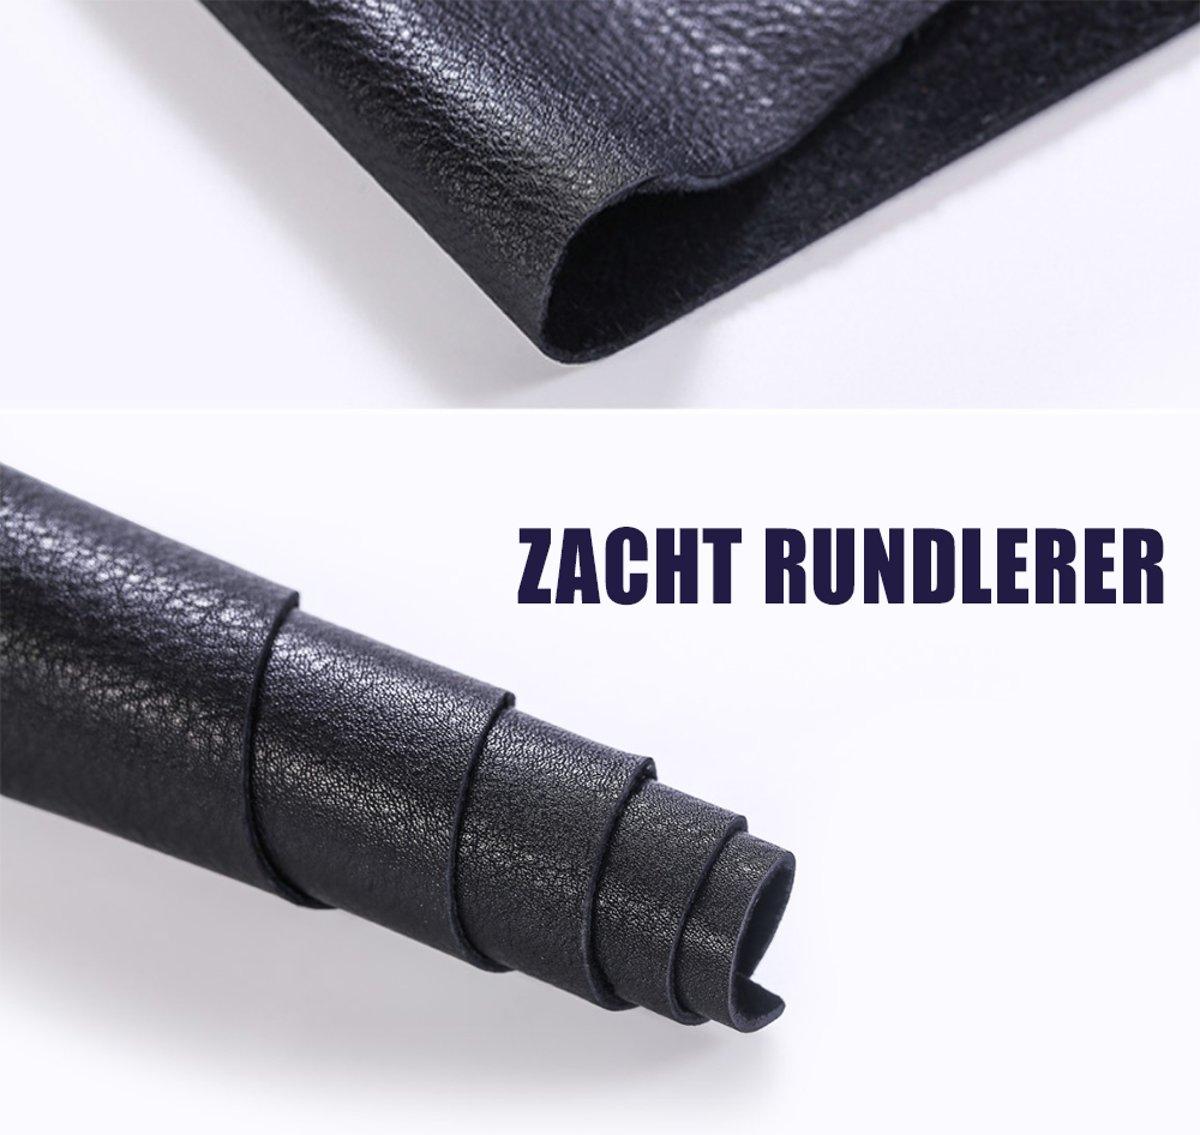 Zwart leer -4 voet- Echt Leer-Rundleder